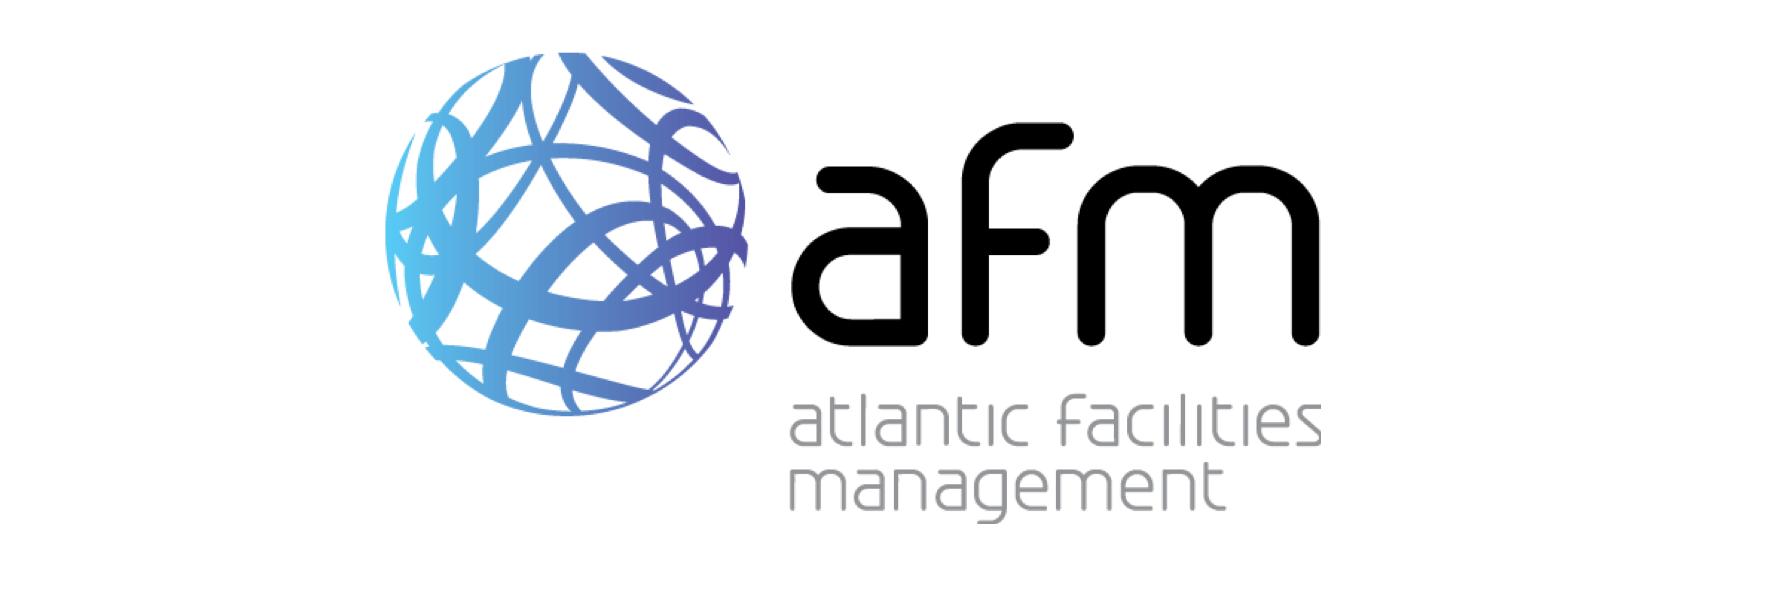 afm - atlantic facilities management